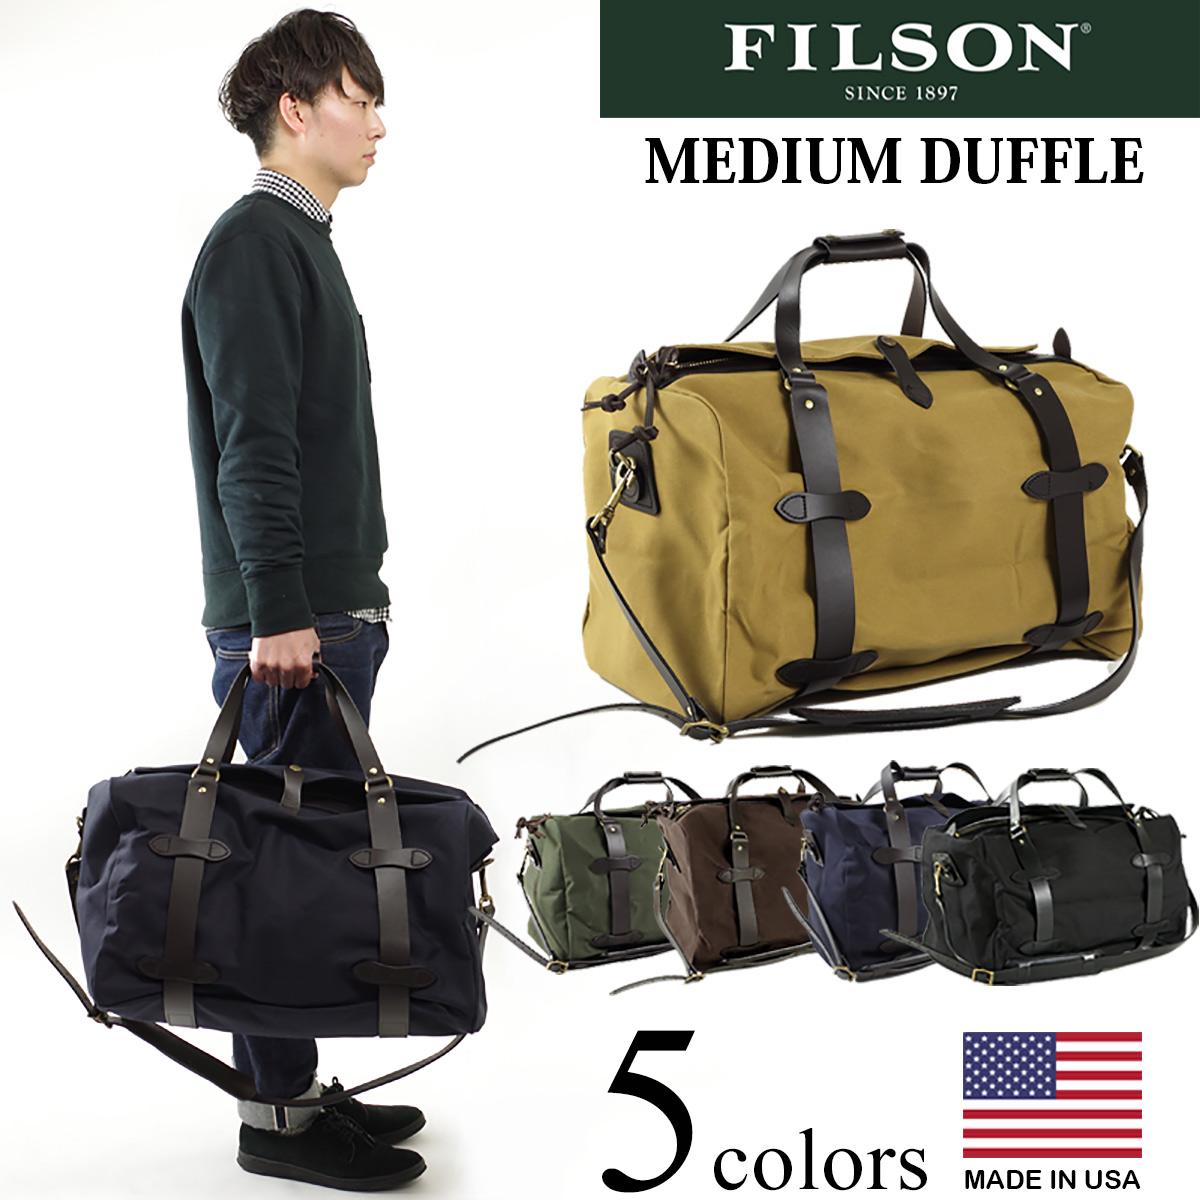 フィルソン FILSON ミディアム キャンバス ダッフルバッグ (アメリカ製 米国製 MEDIUM DUFFLE)